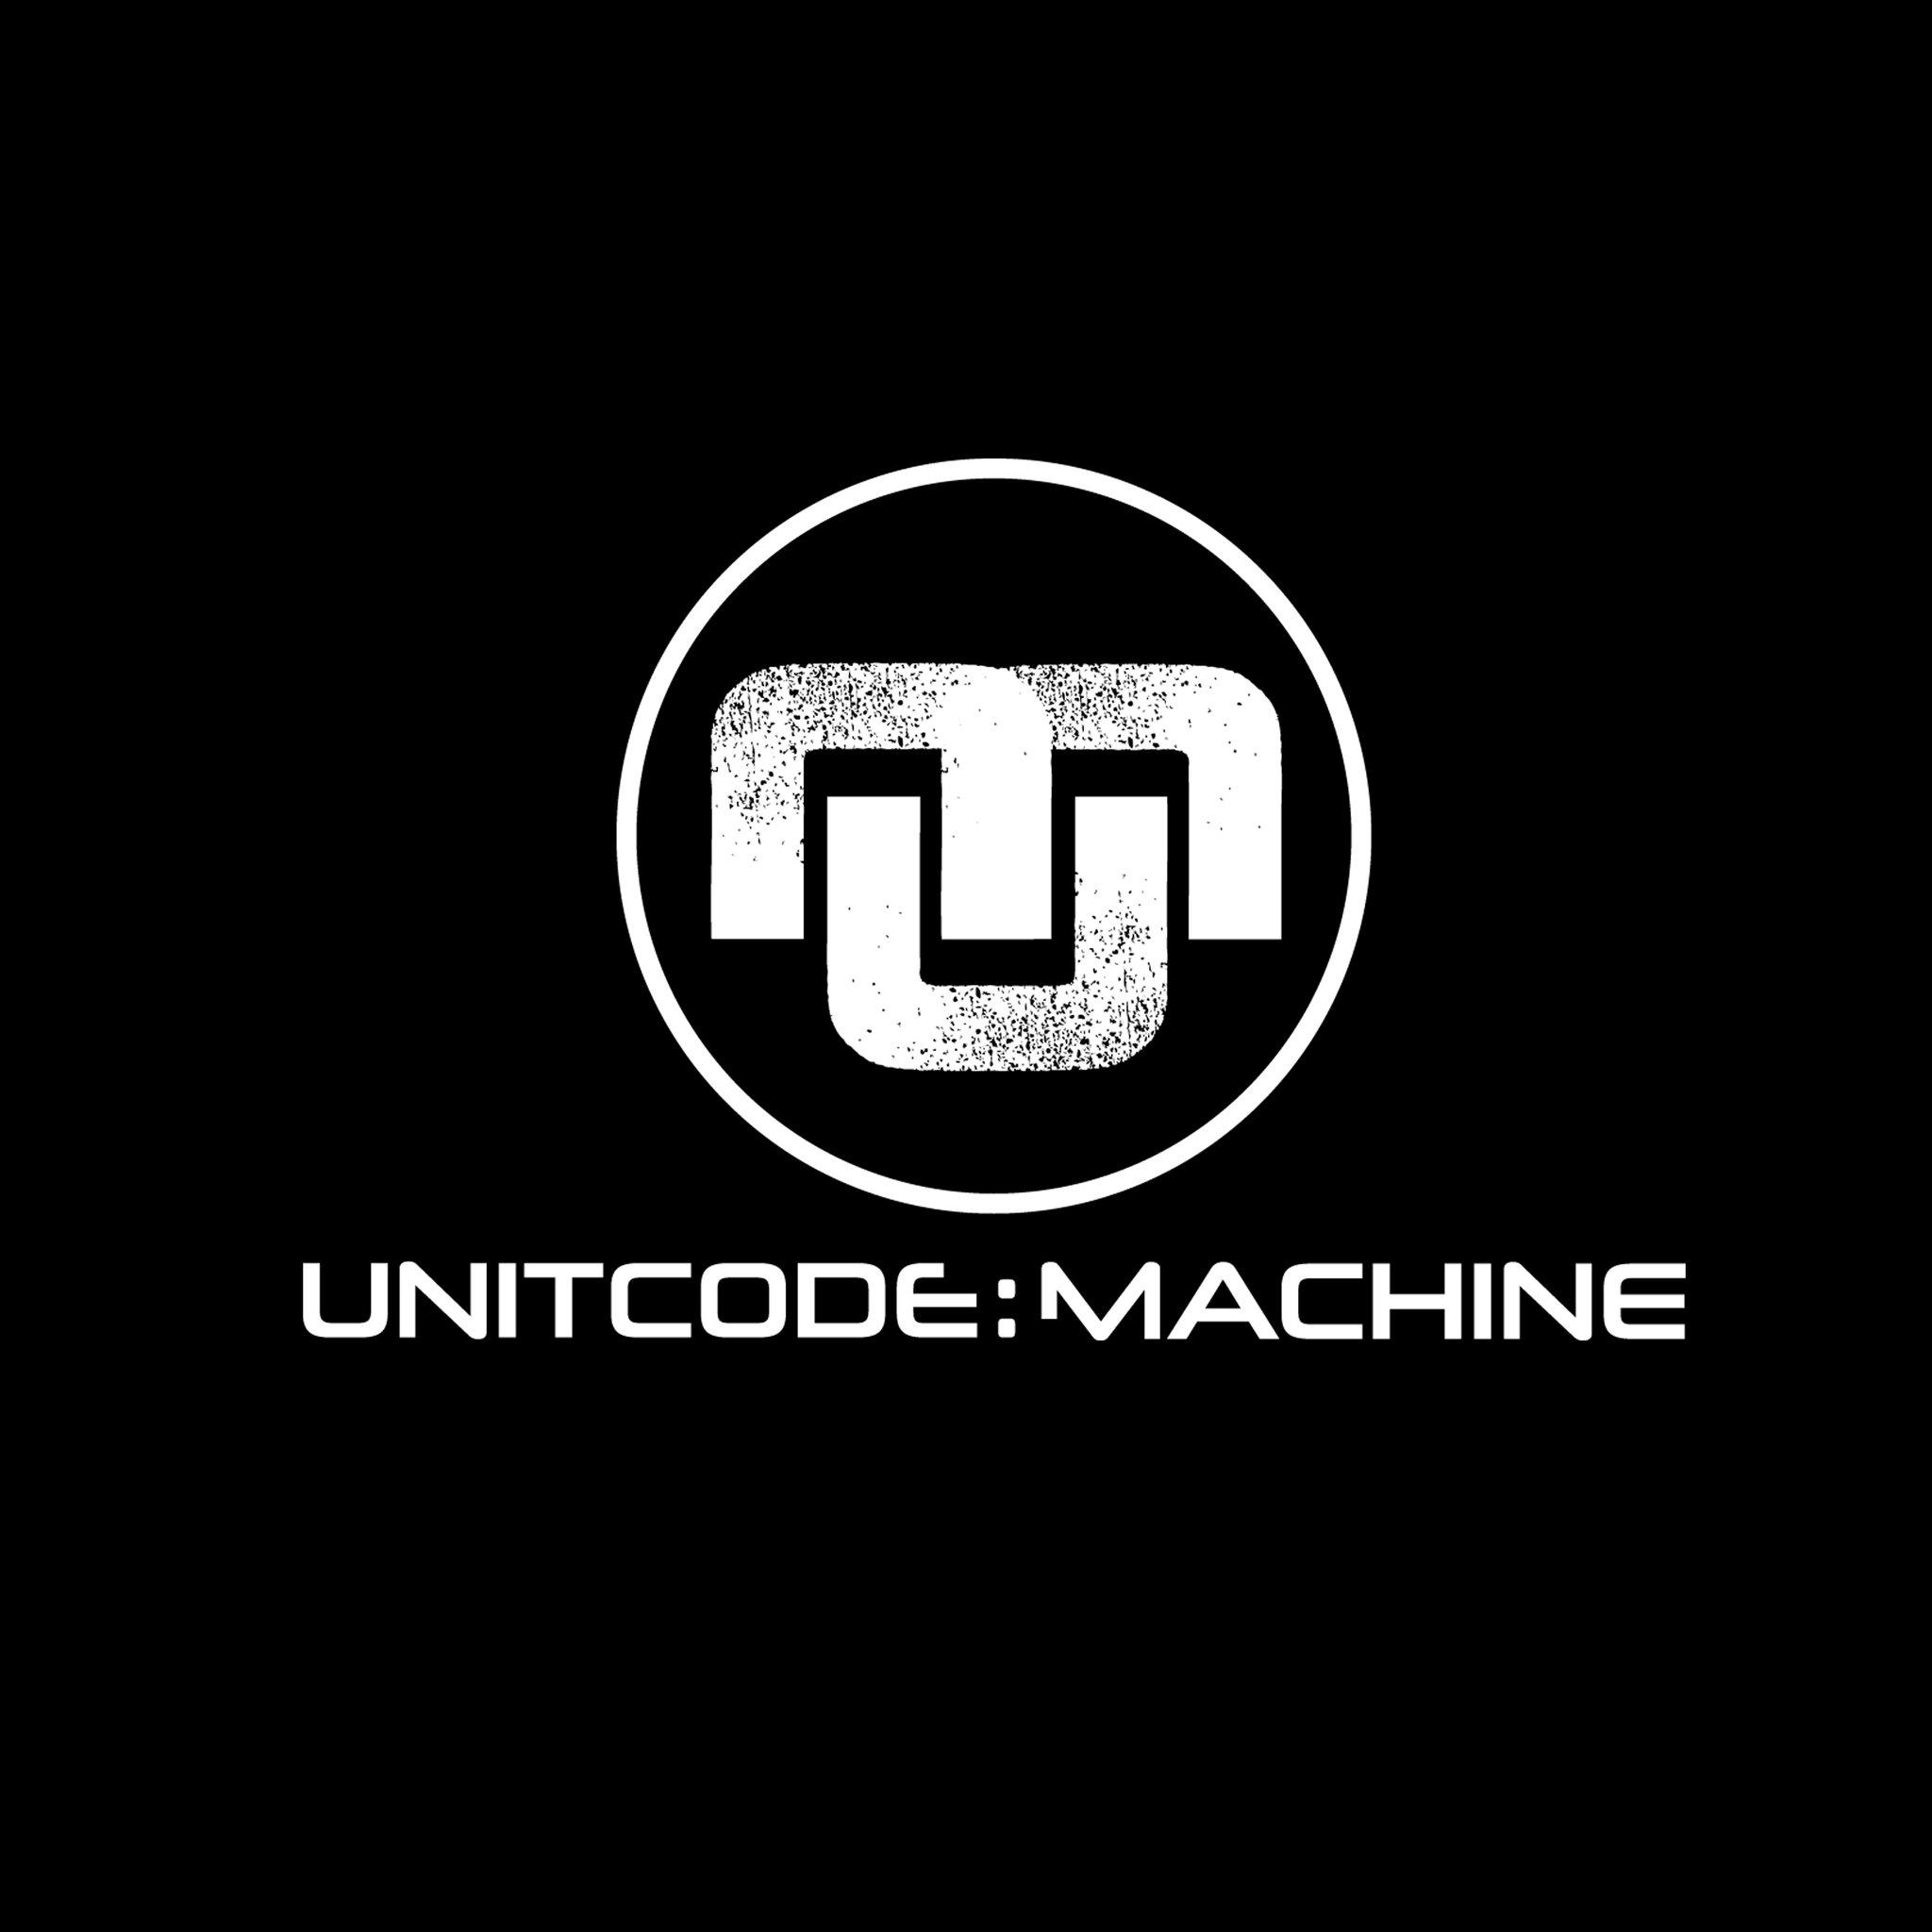 Unitcode:Machine